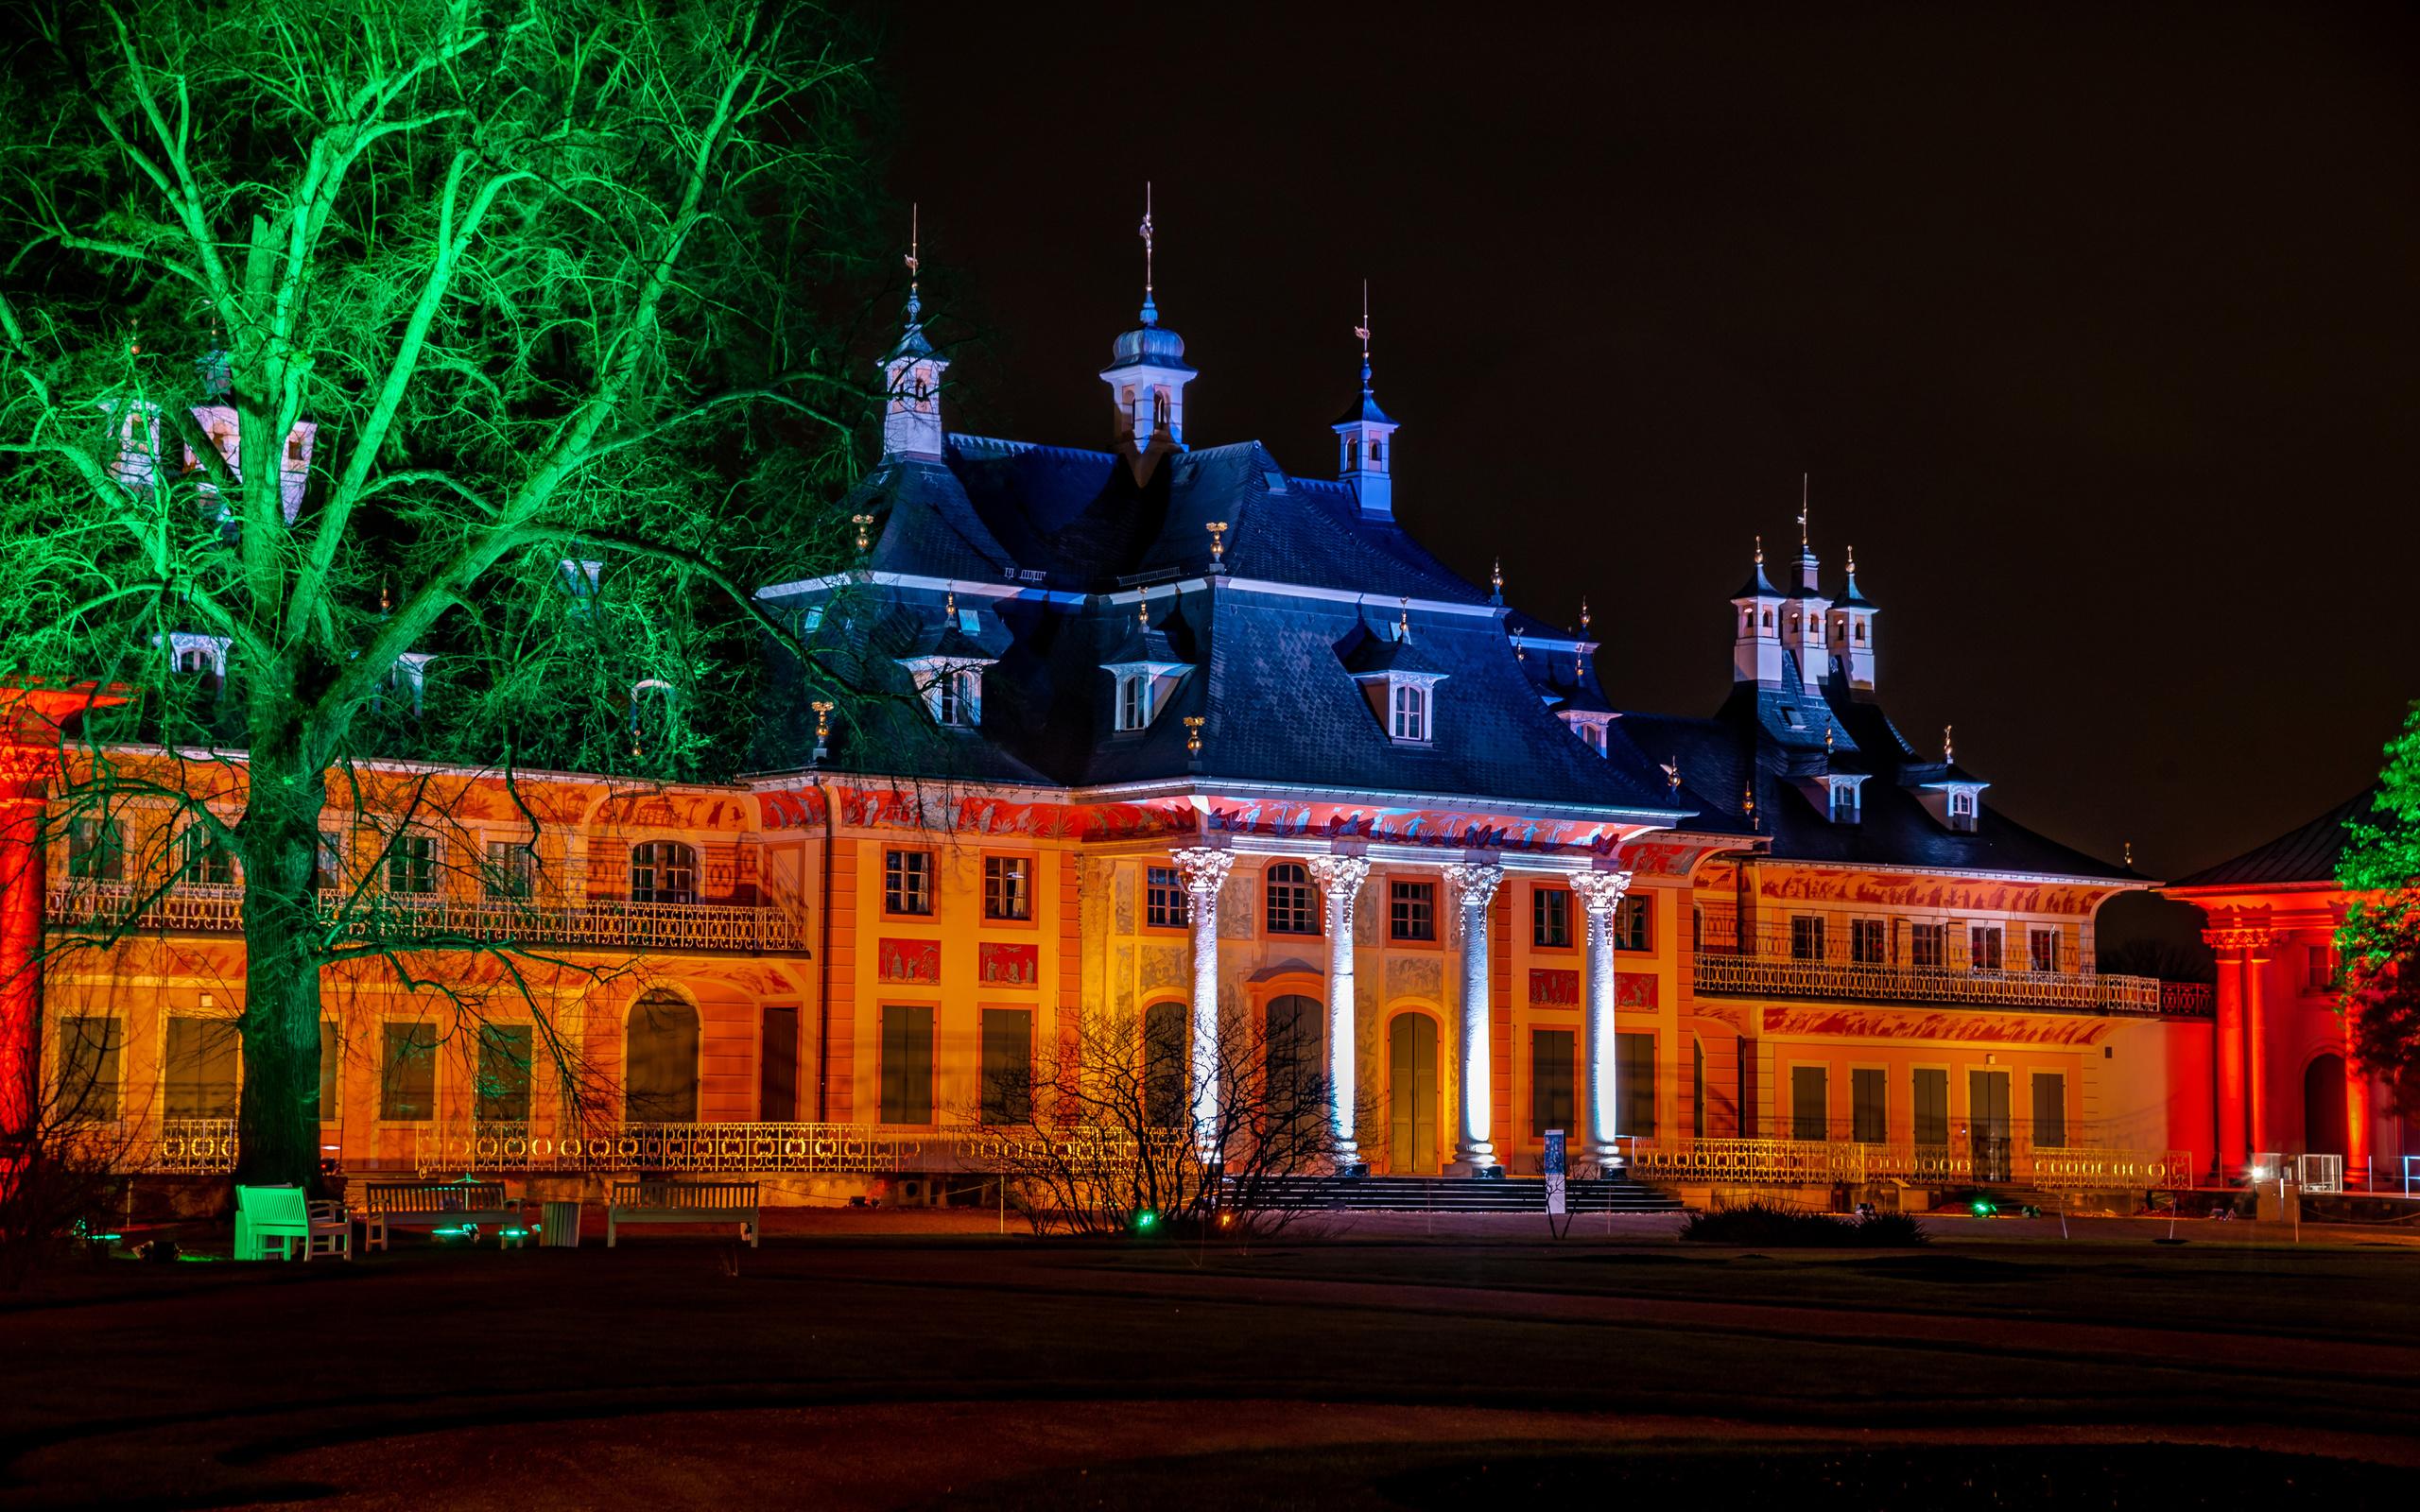 германия, дома, schloss pillnitz, дворец, ночь, деревья, город